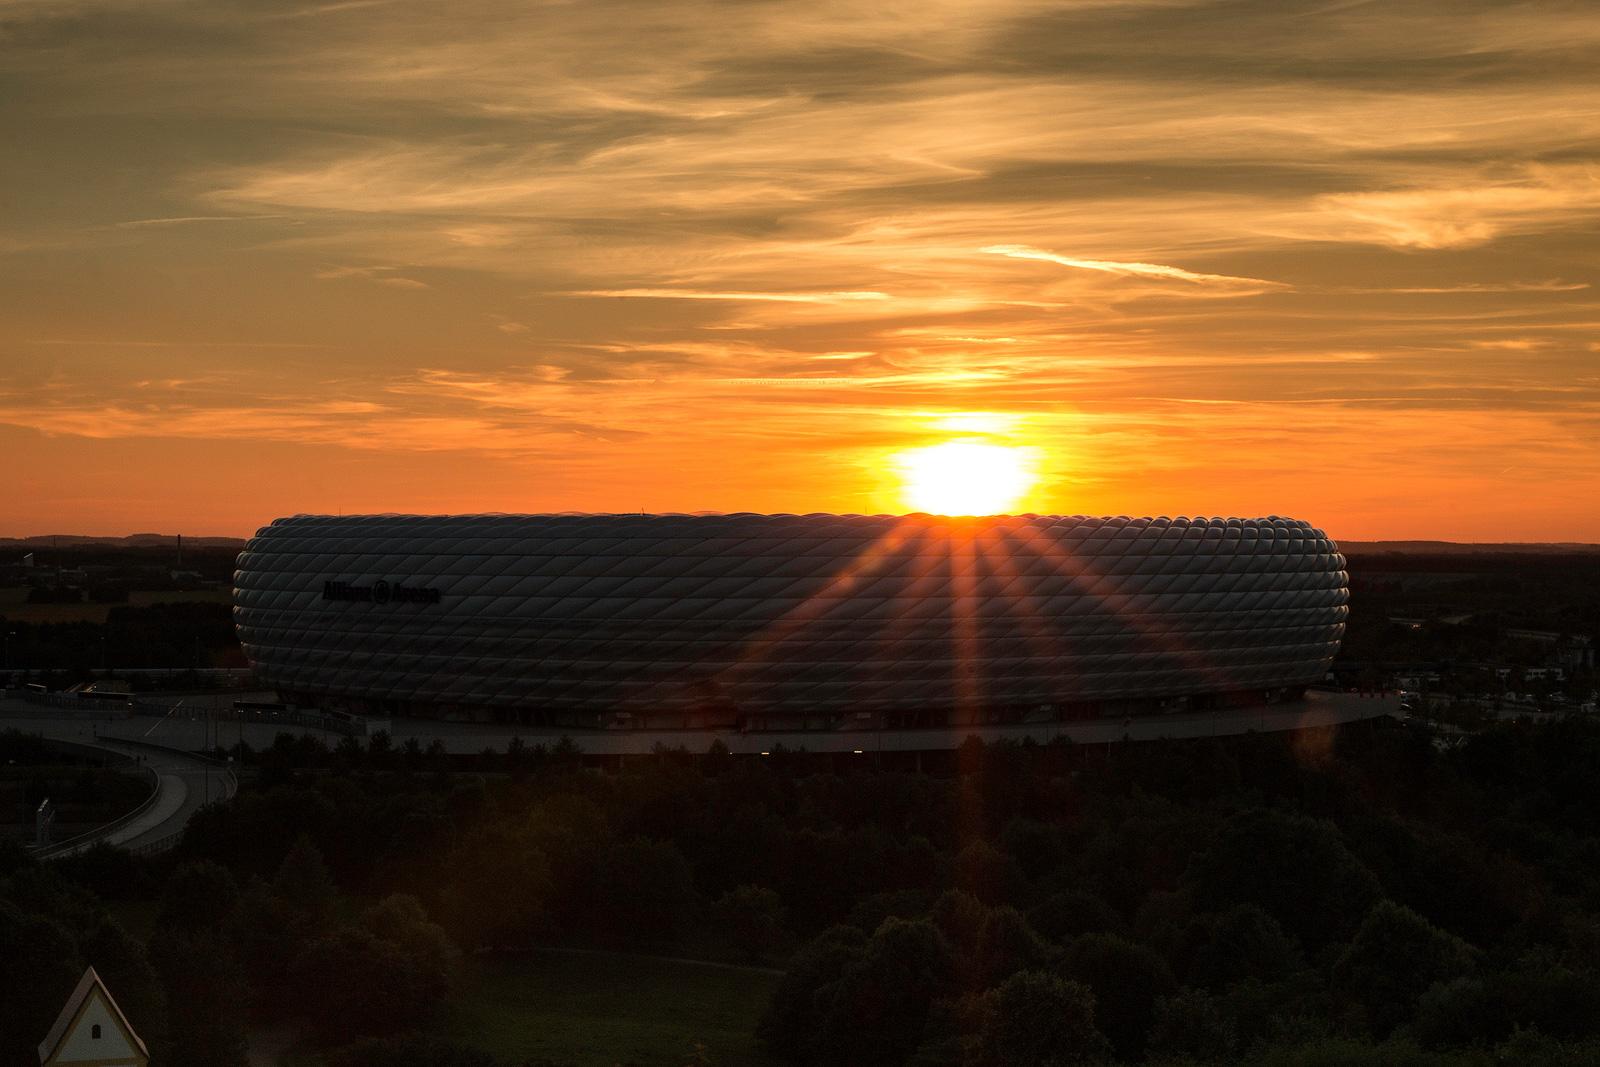 Wenn ihr rechtzeitig dort seid, erwischt ihr die Allianz Arena auch noch beim Sonnenuntergang.